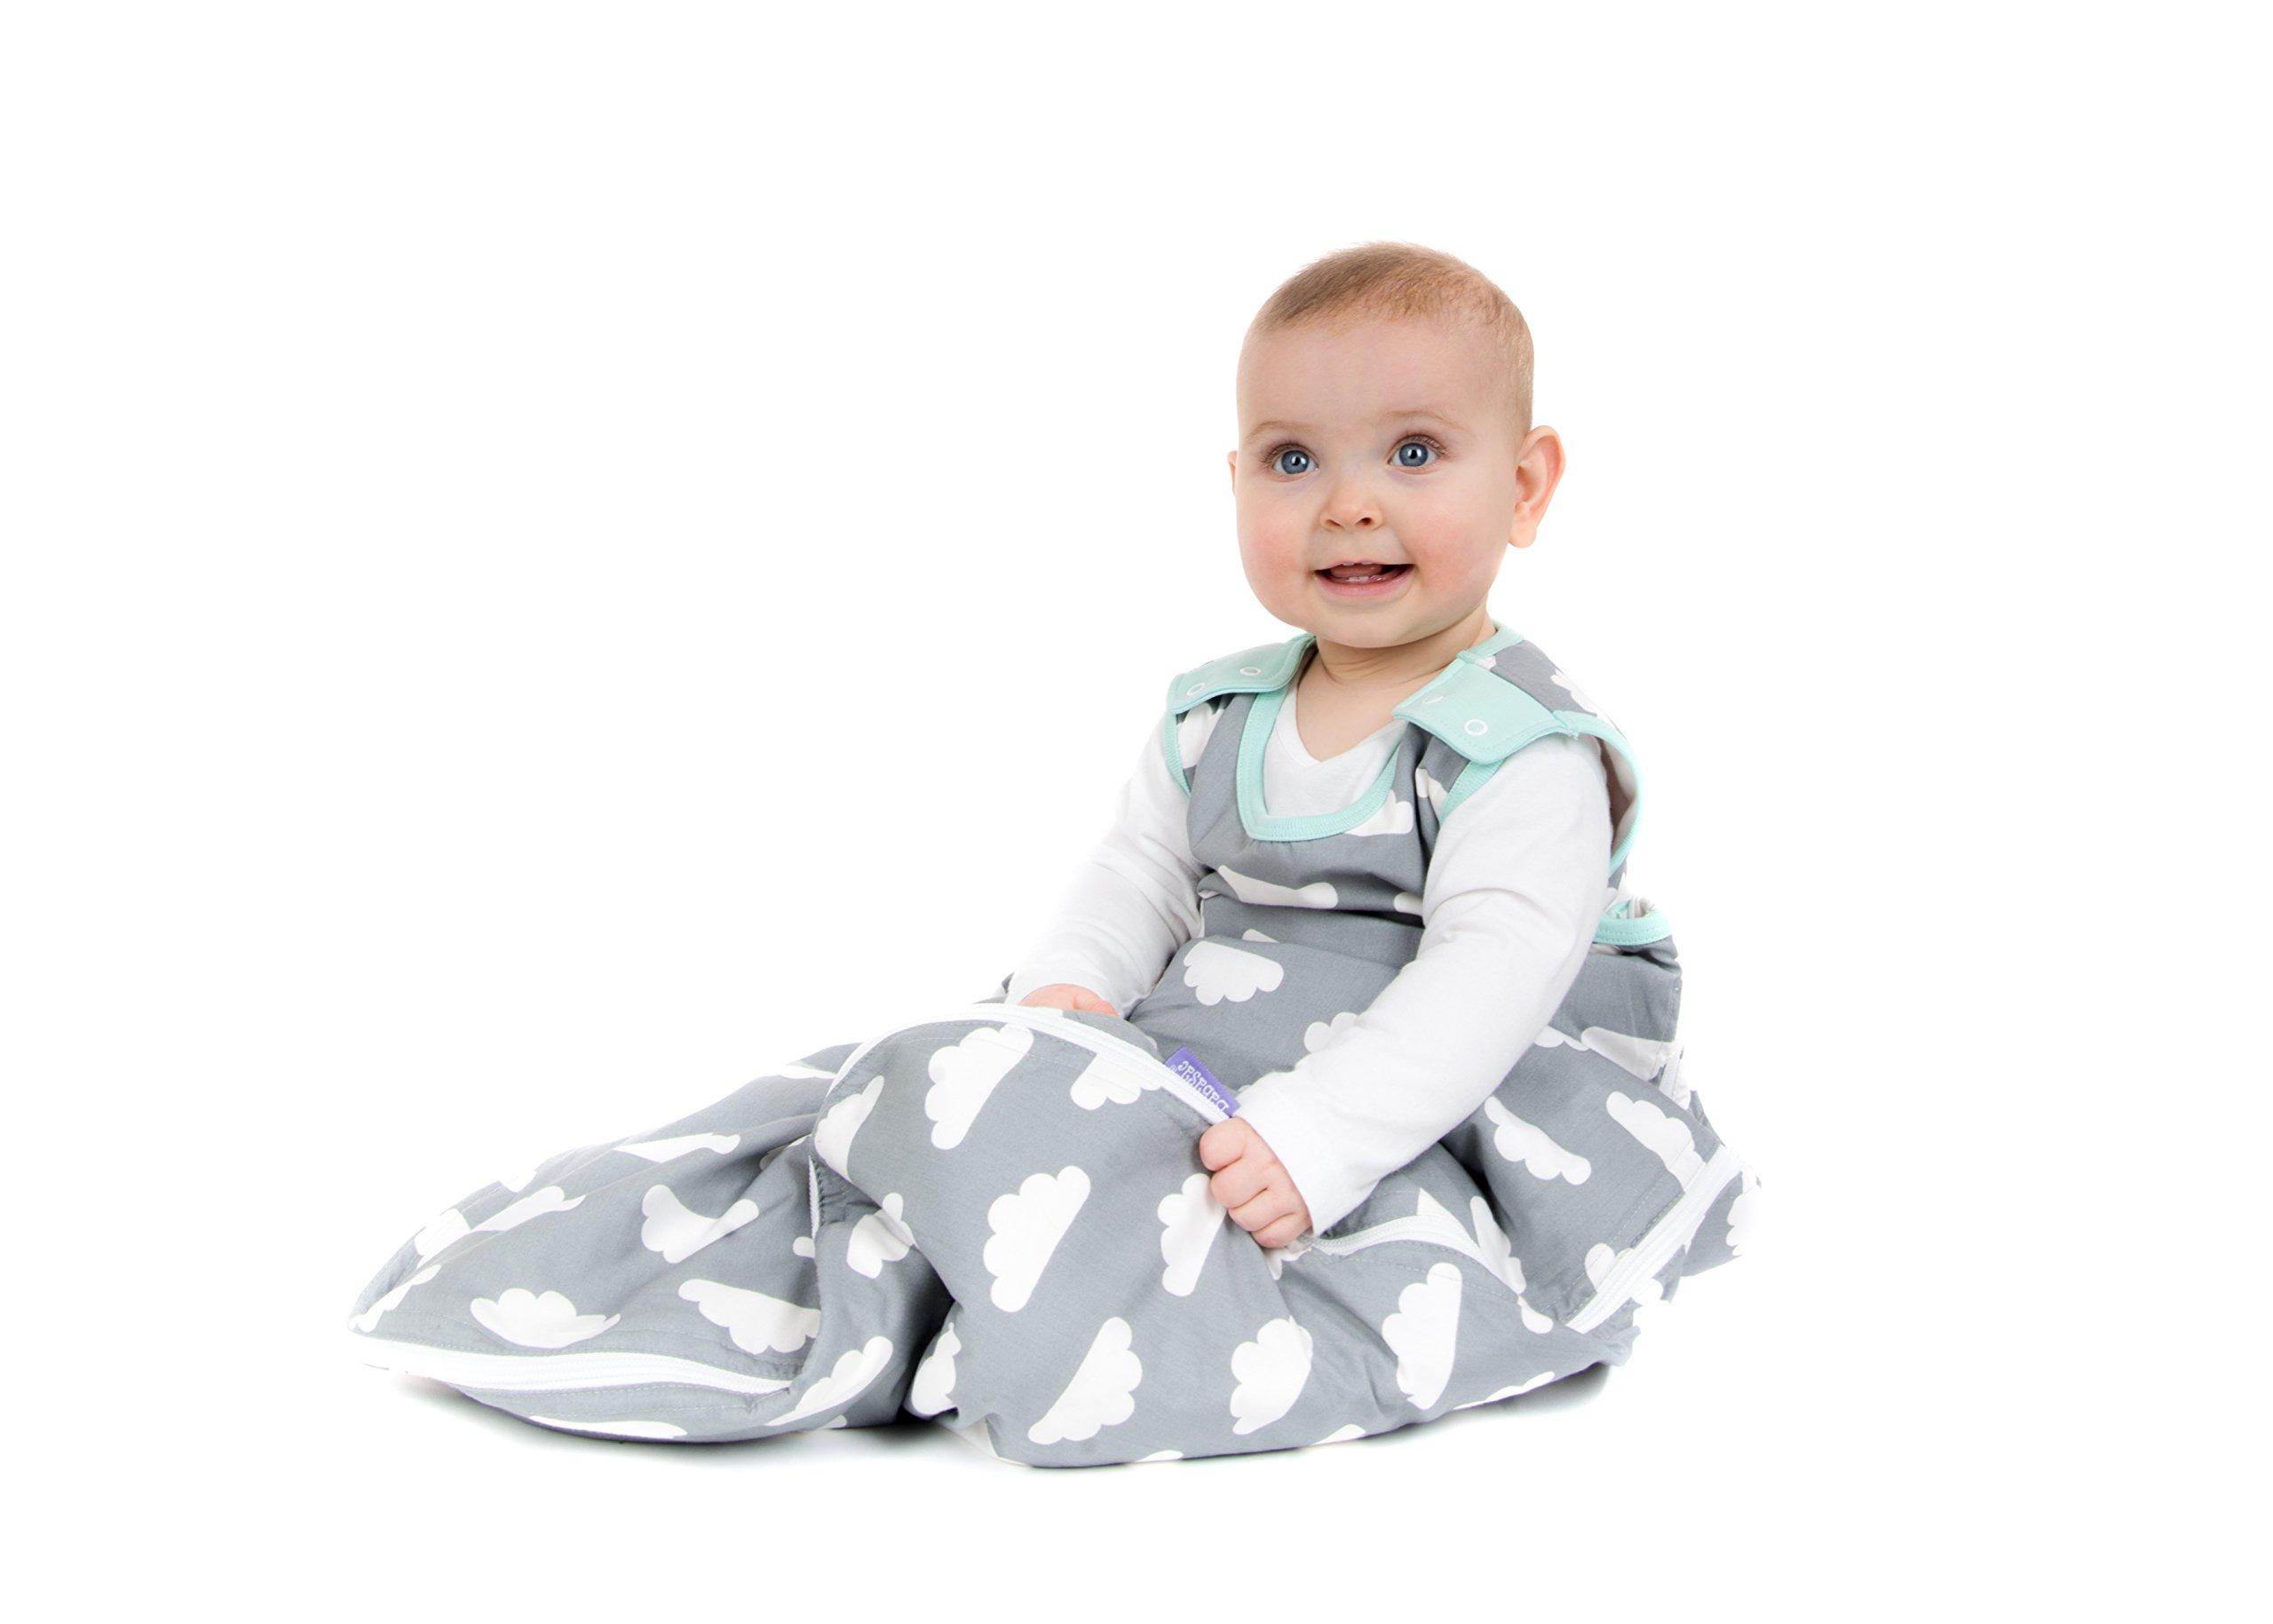 7124pqH73XL - Saco de dormir para bebés de 6 a 18 meses, de la marca Babasac. Diseño de nubes, color gris y turquesa